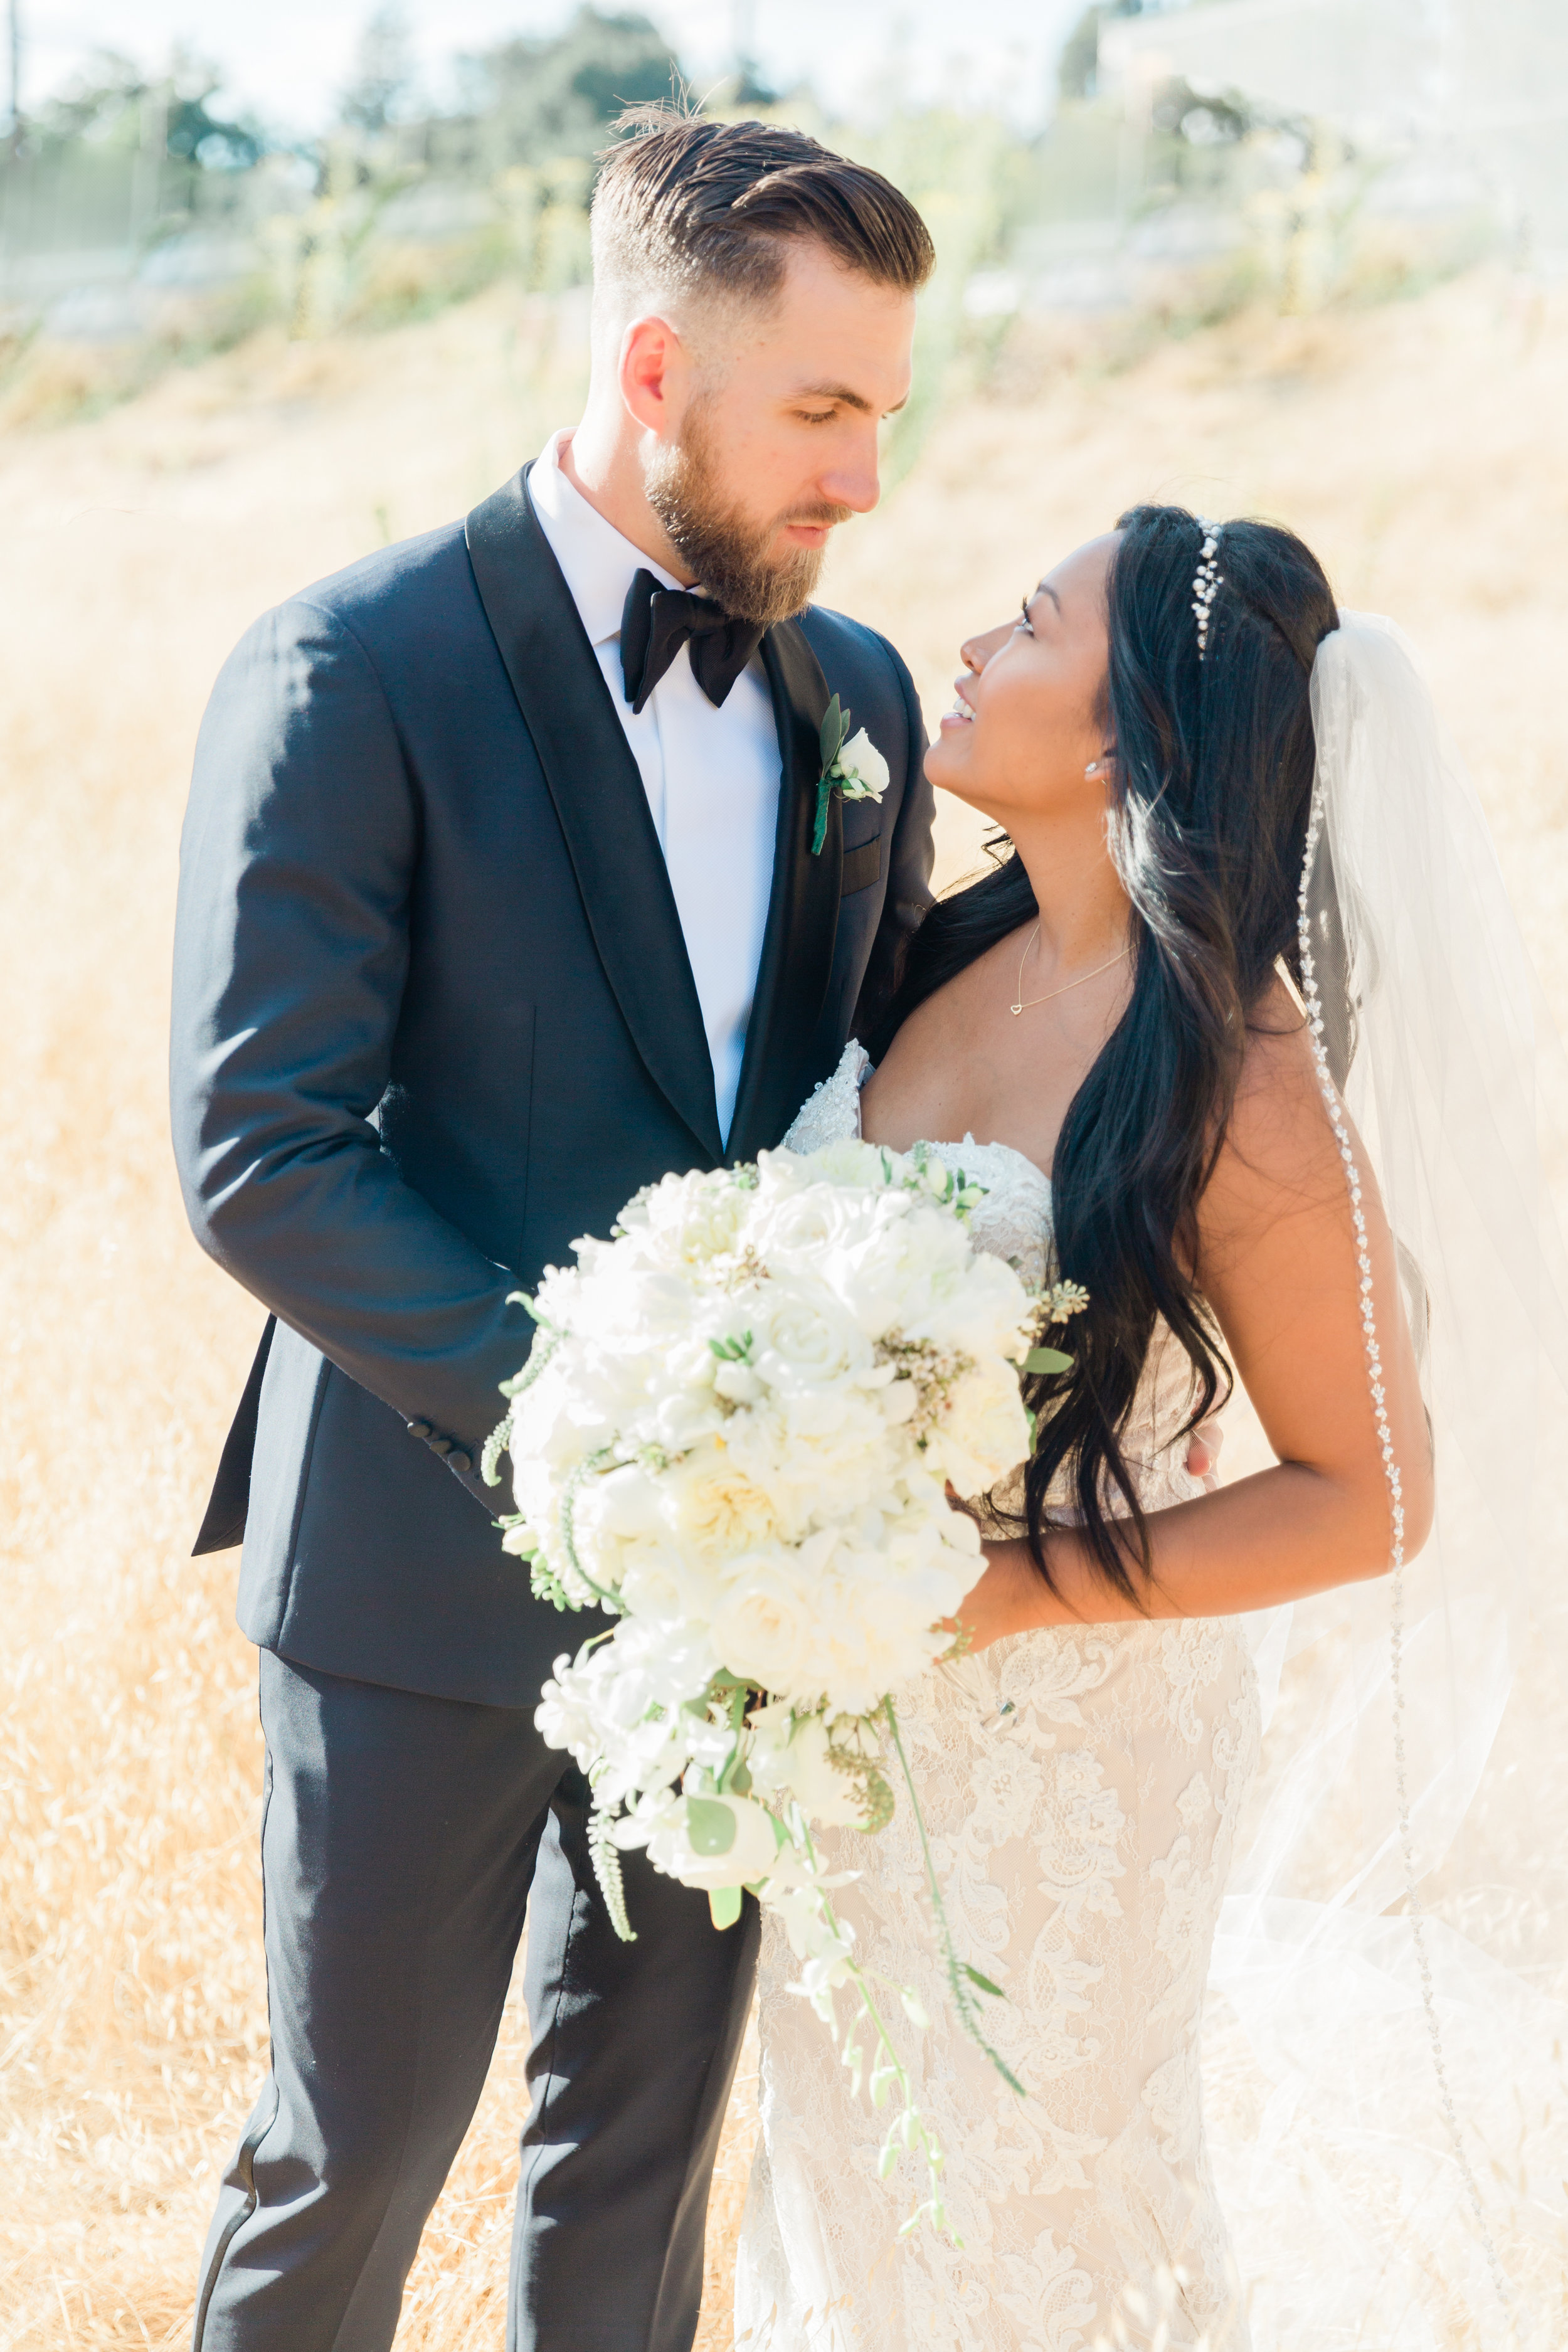 Raedawn and George - Married - Sneak Peeks - Lauren Alisse Photography-41.jpg